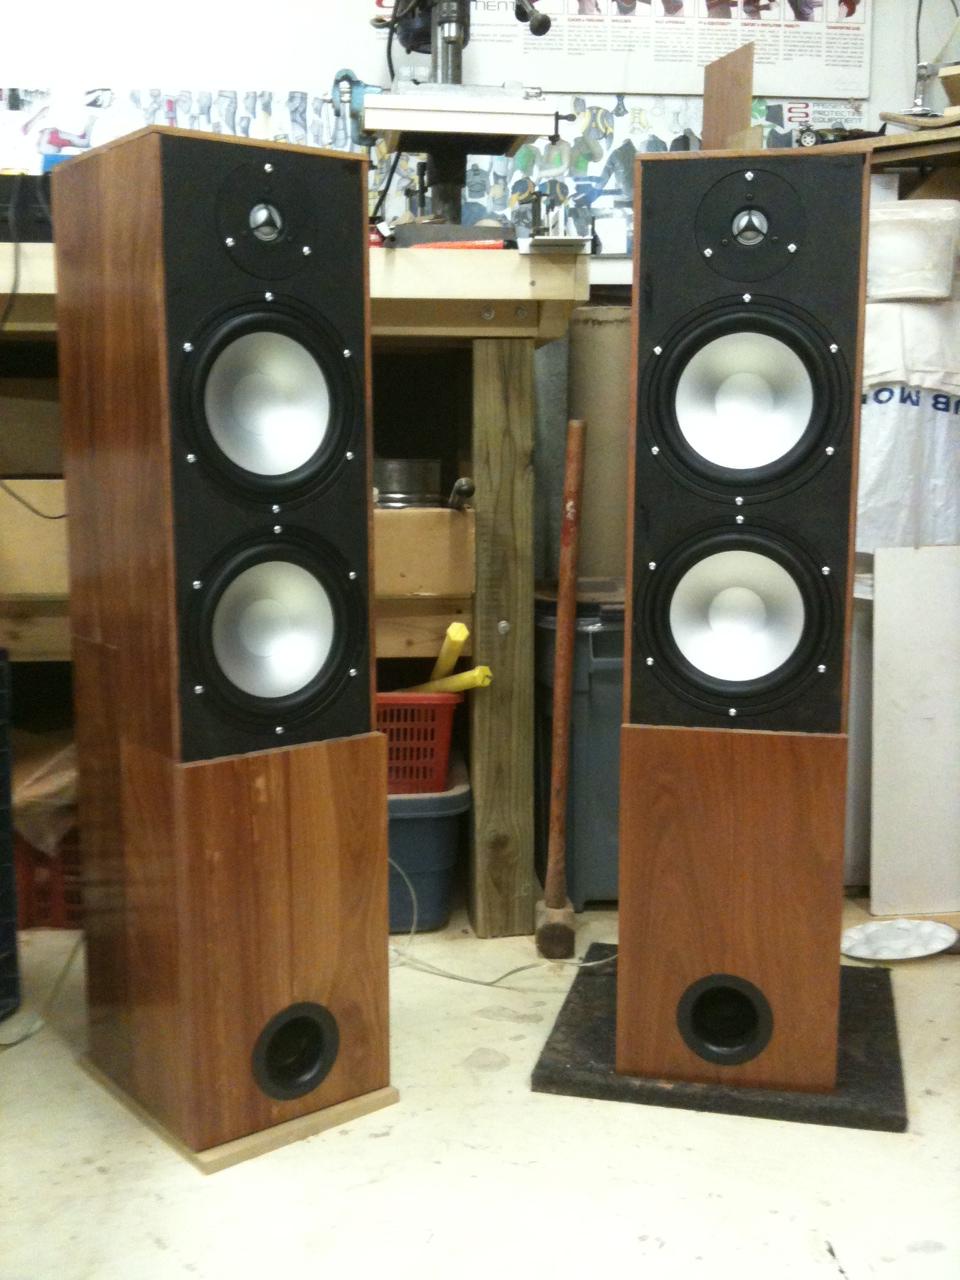 Hardwood floor|standing speakers